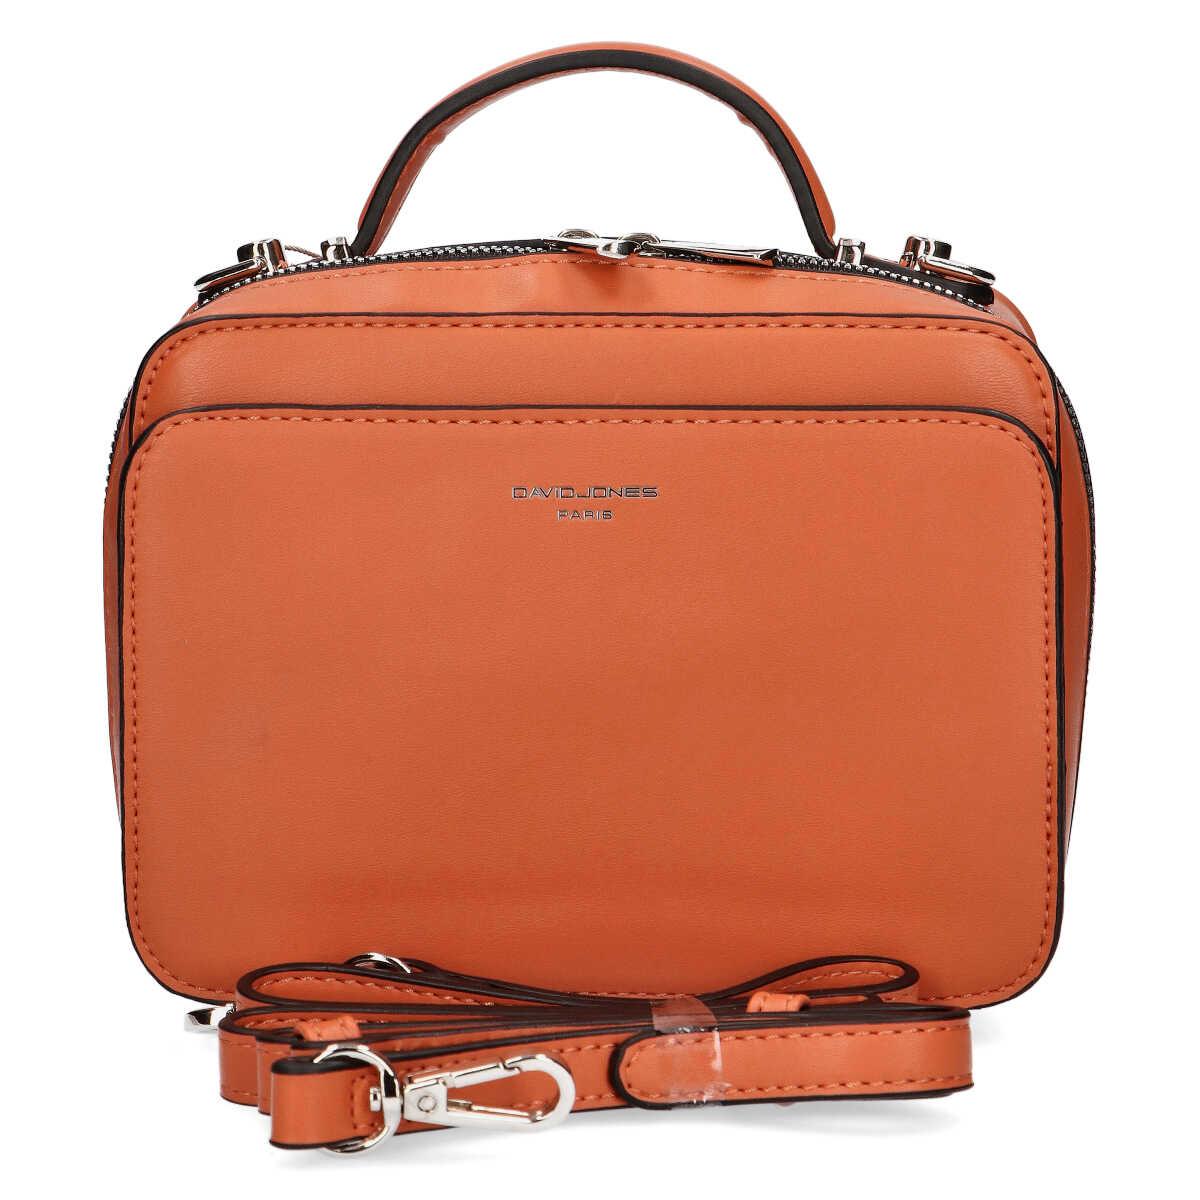 کیف رو دوشی زنانه دیوید جونز مدل 5662 -  - 4